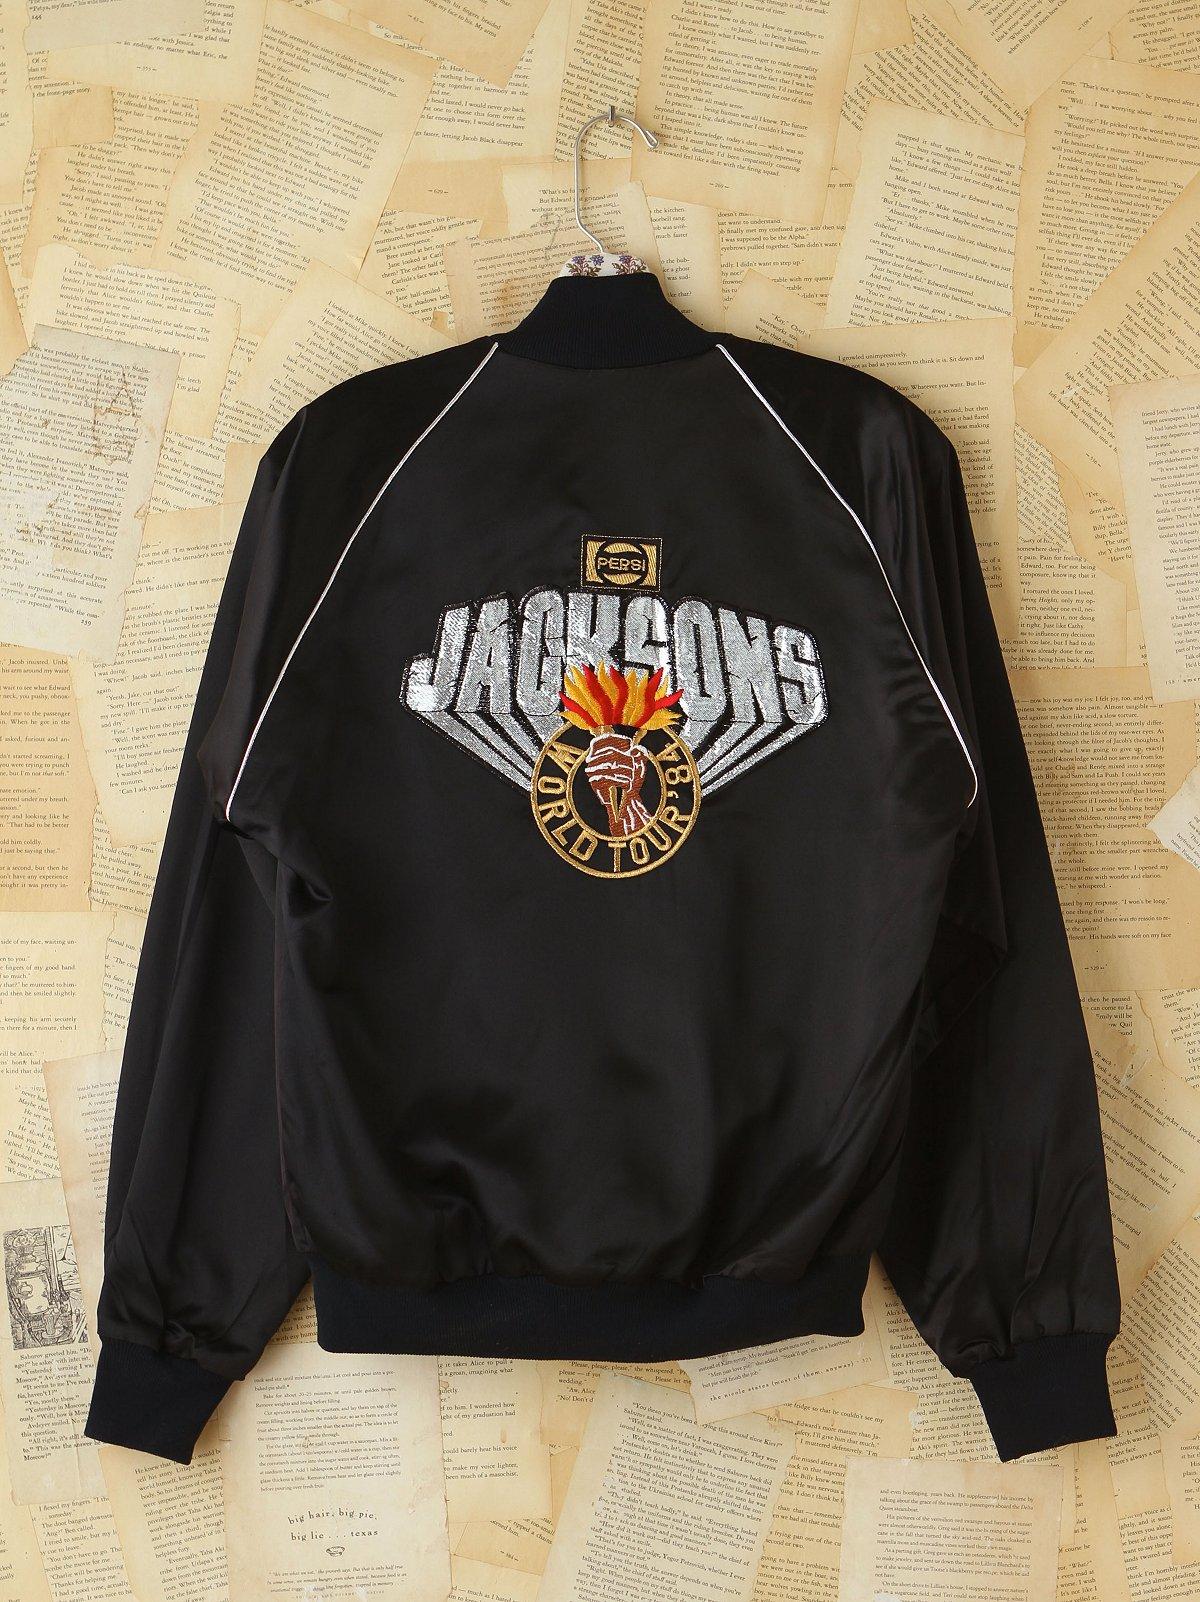 Vintage 1984 Jacksons Concert Jacket